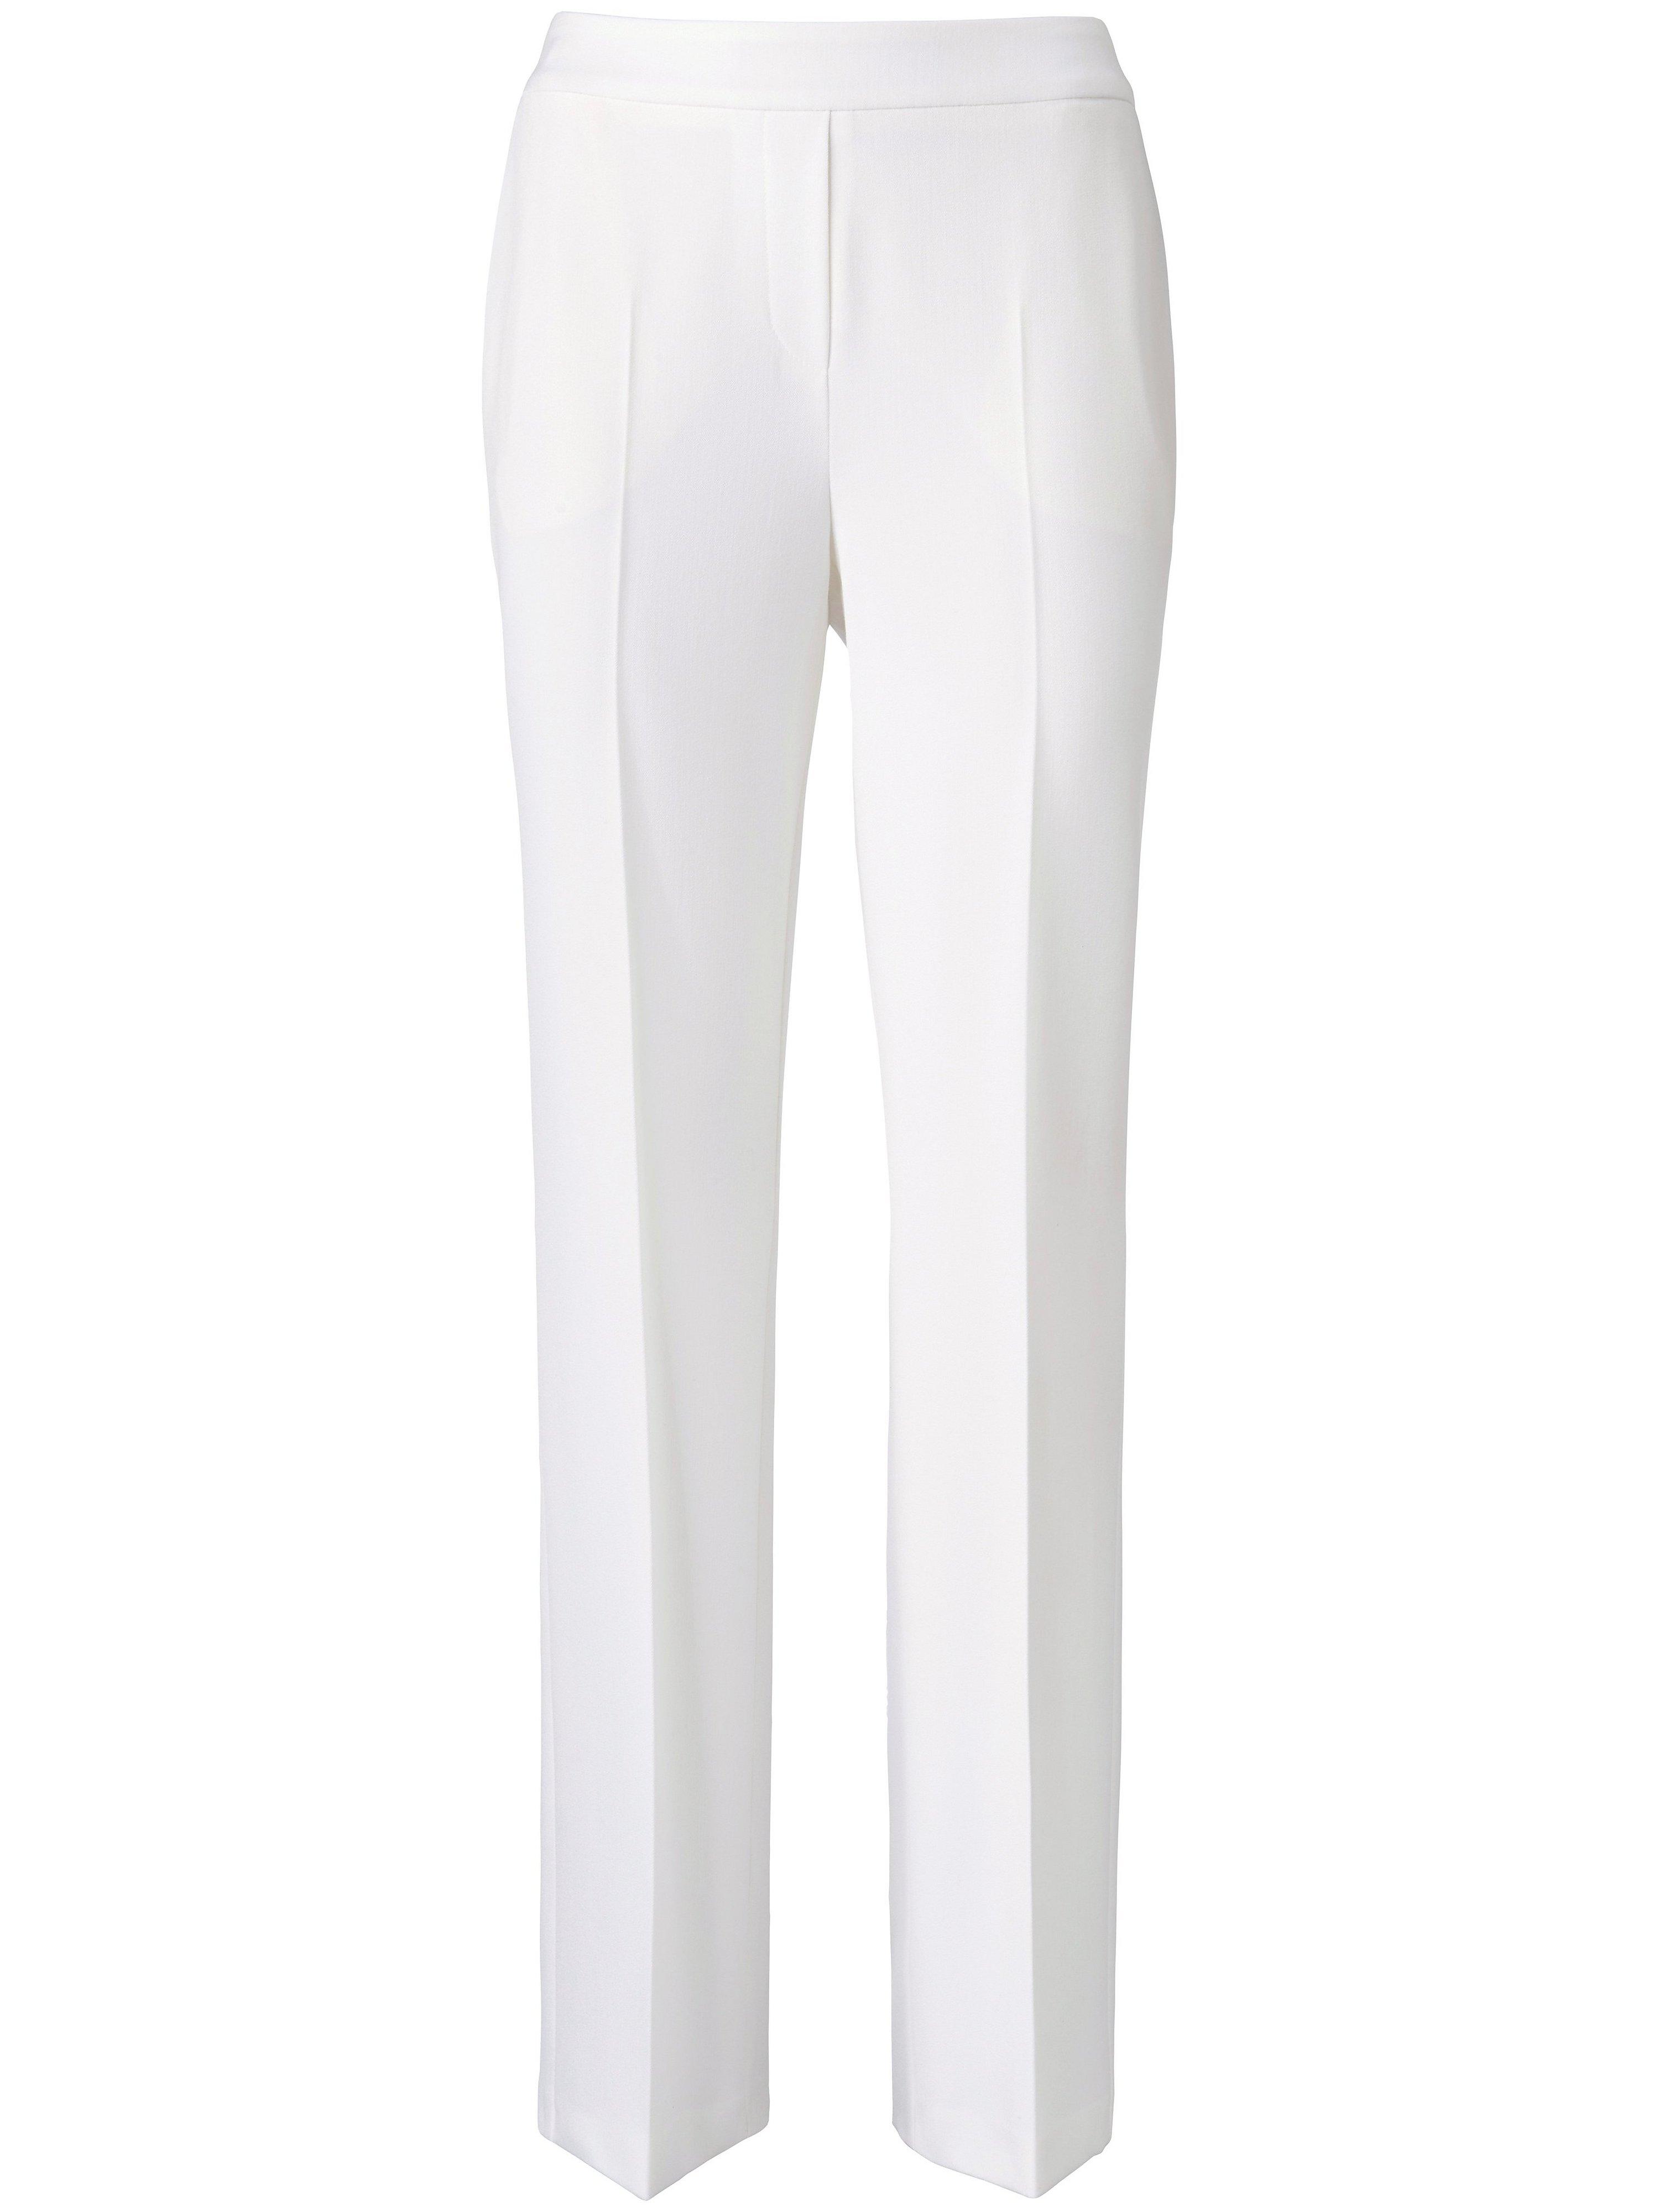 Comfortabele broek pasvorm Cornelia Van Peter Hahn wit